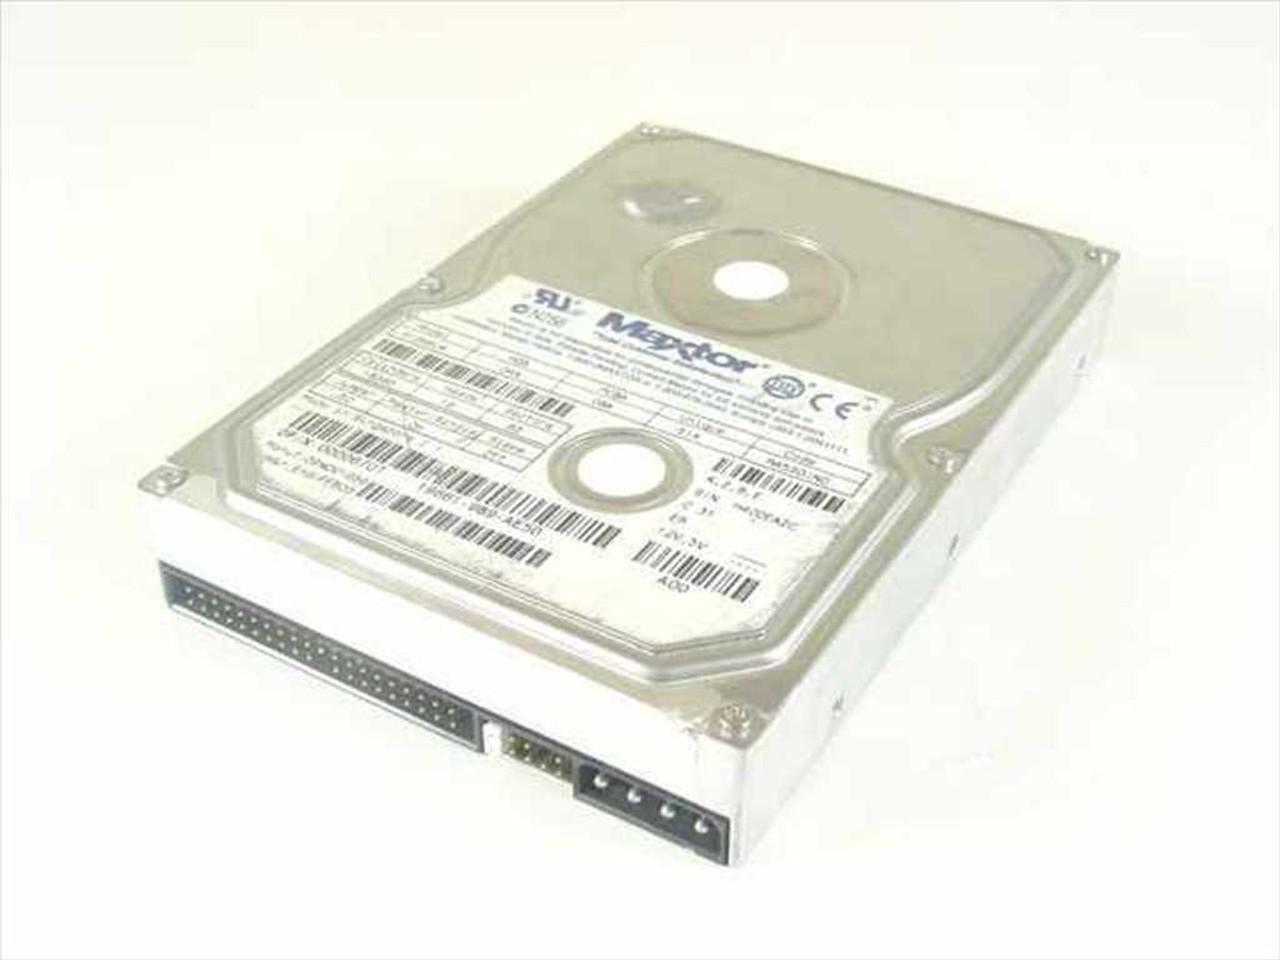 """Dell 0670T 13.6GB 3.5"""" IDE Hard Drive - Maxtor 91366U4 ..."""